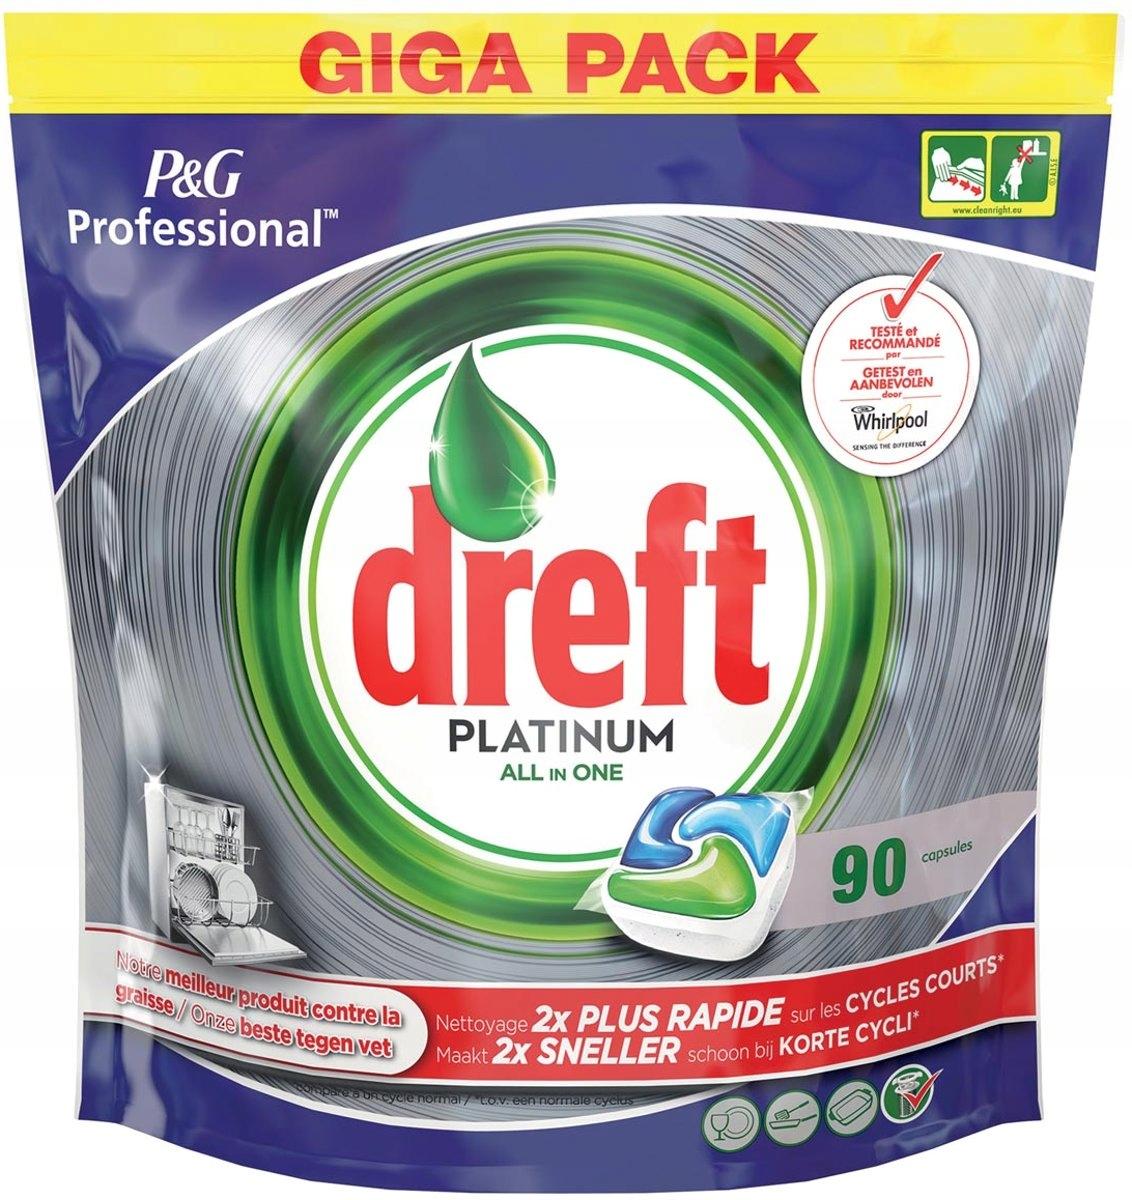 Dreft Fairy Platinum таблетки для посудомоечной машины 90 шт